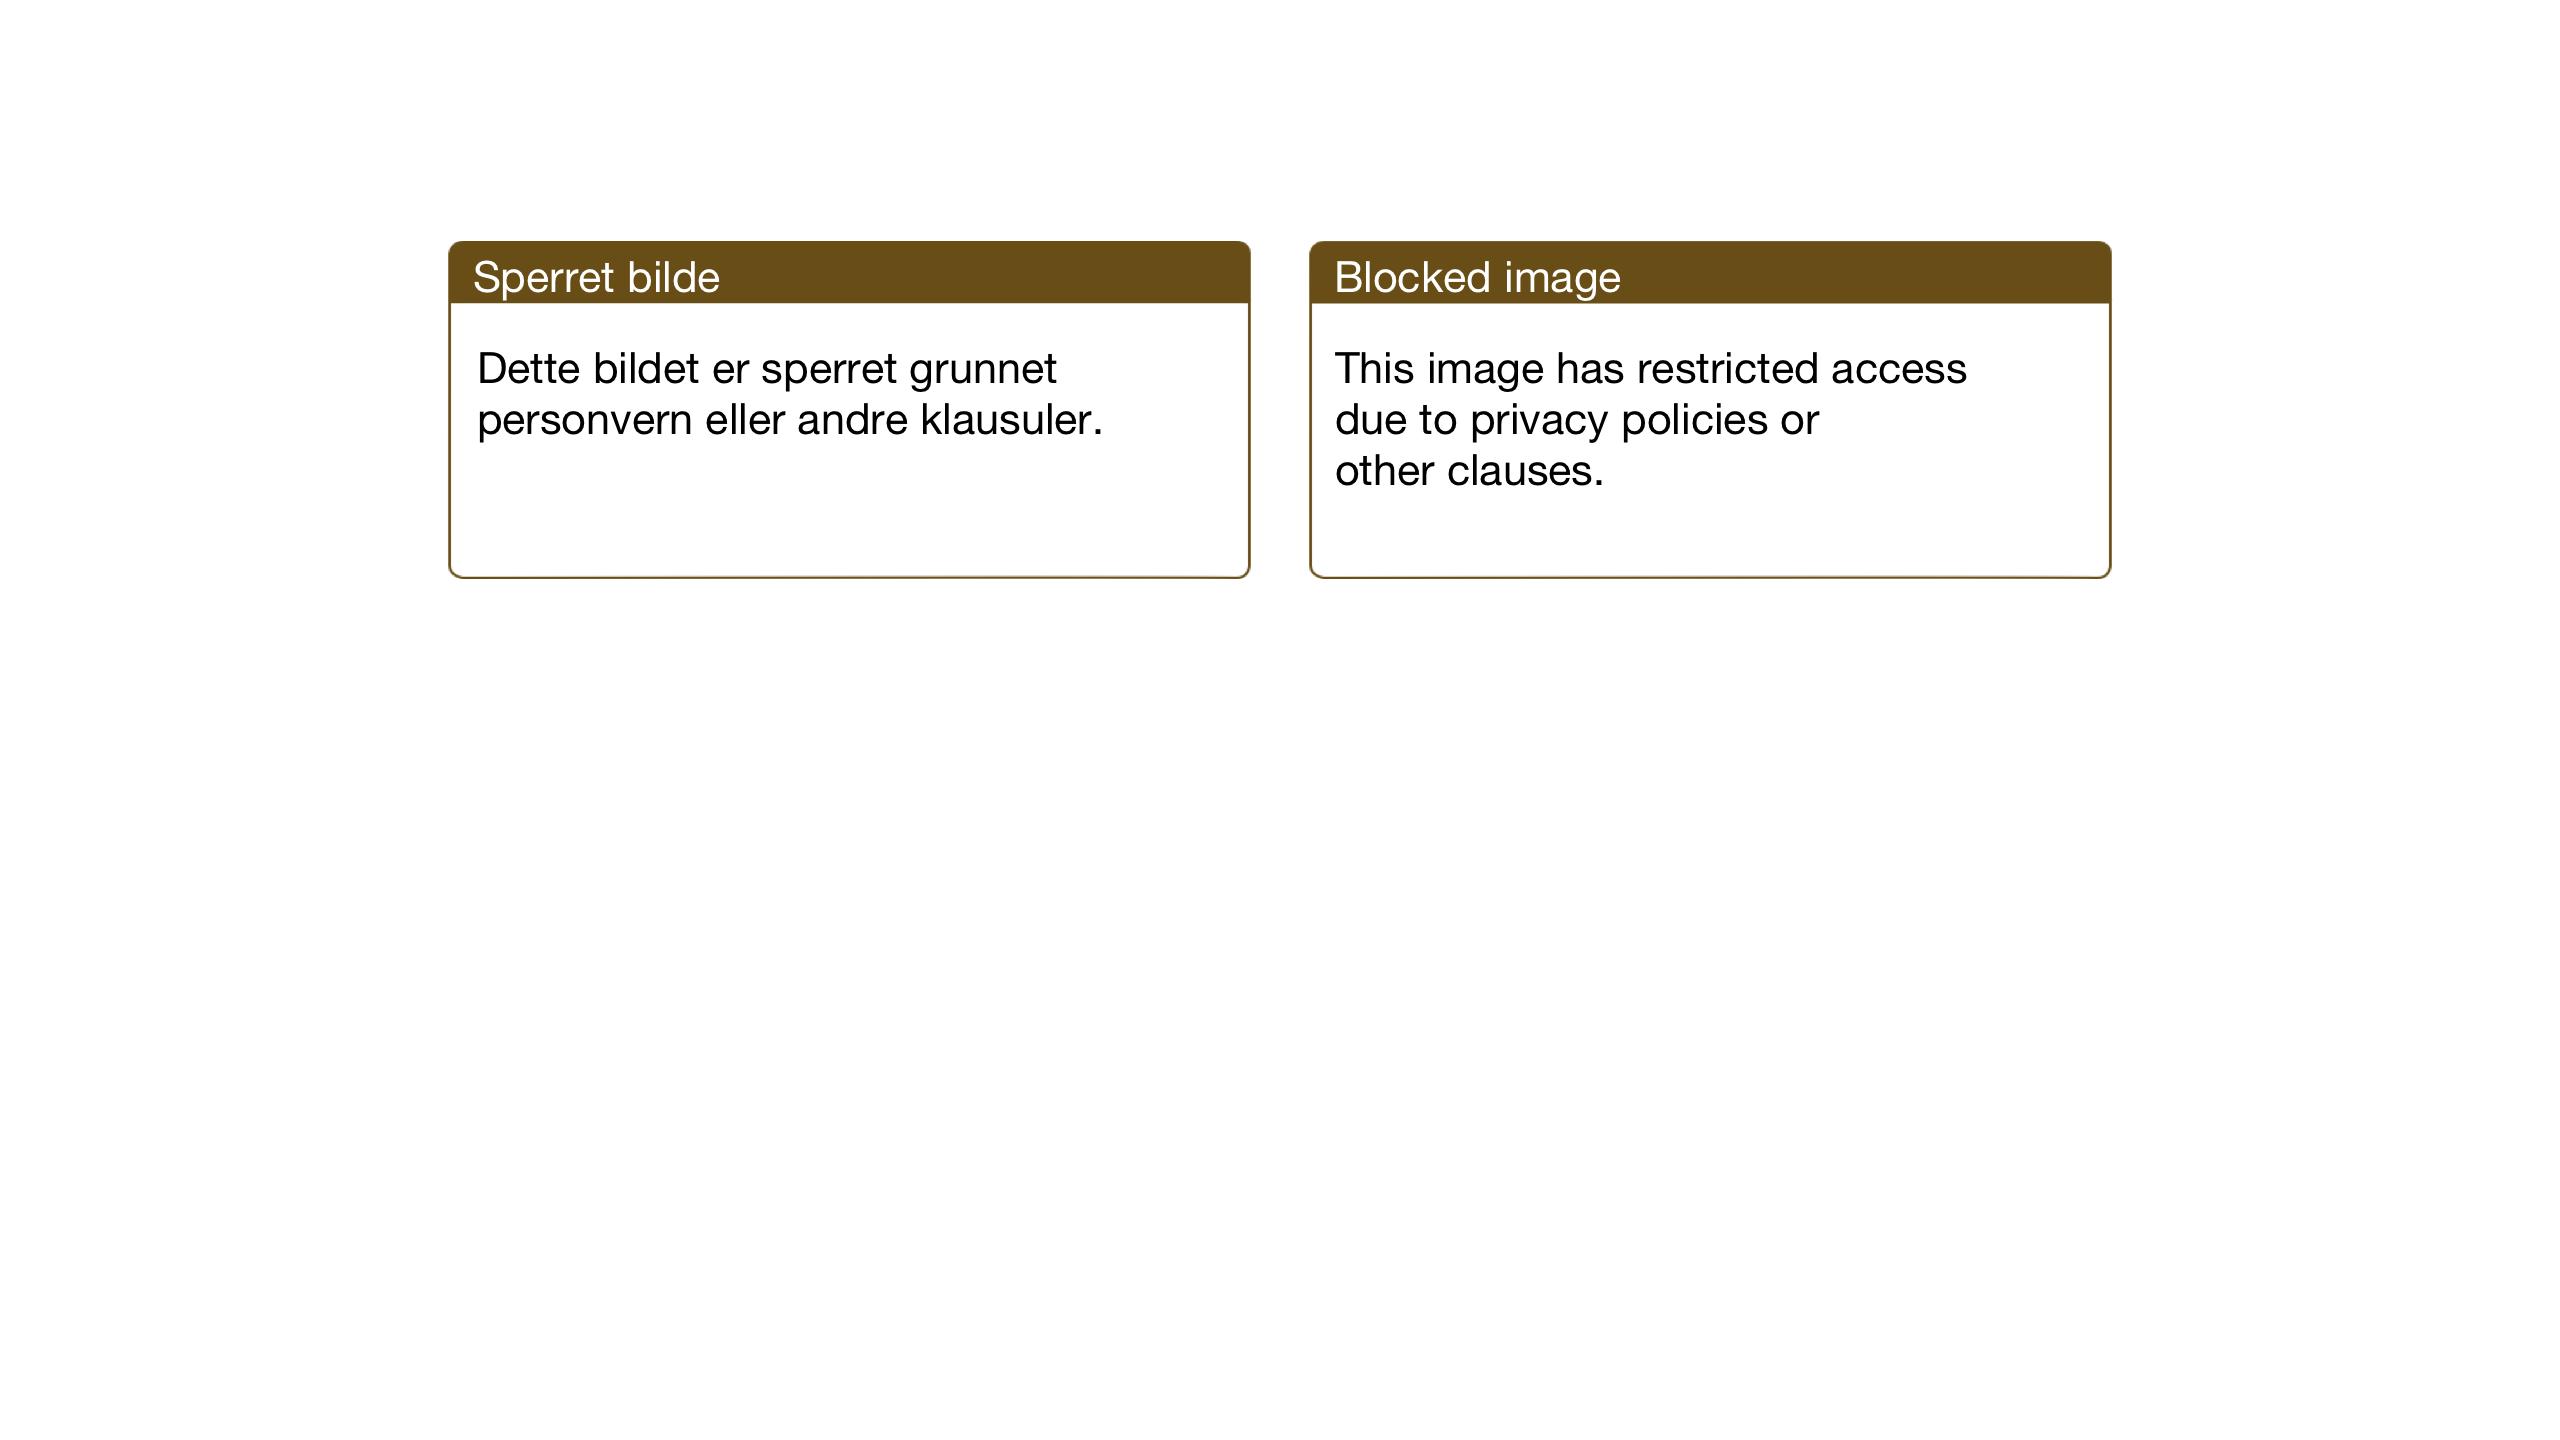 SAT, Ministerialprotokoller, klokkerbøker og fødselsregistre - Sør-Trøndelag, 638/L0569: Klokkerbok nr. 638C01, 1923-1961, s. 44